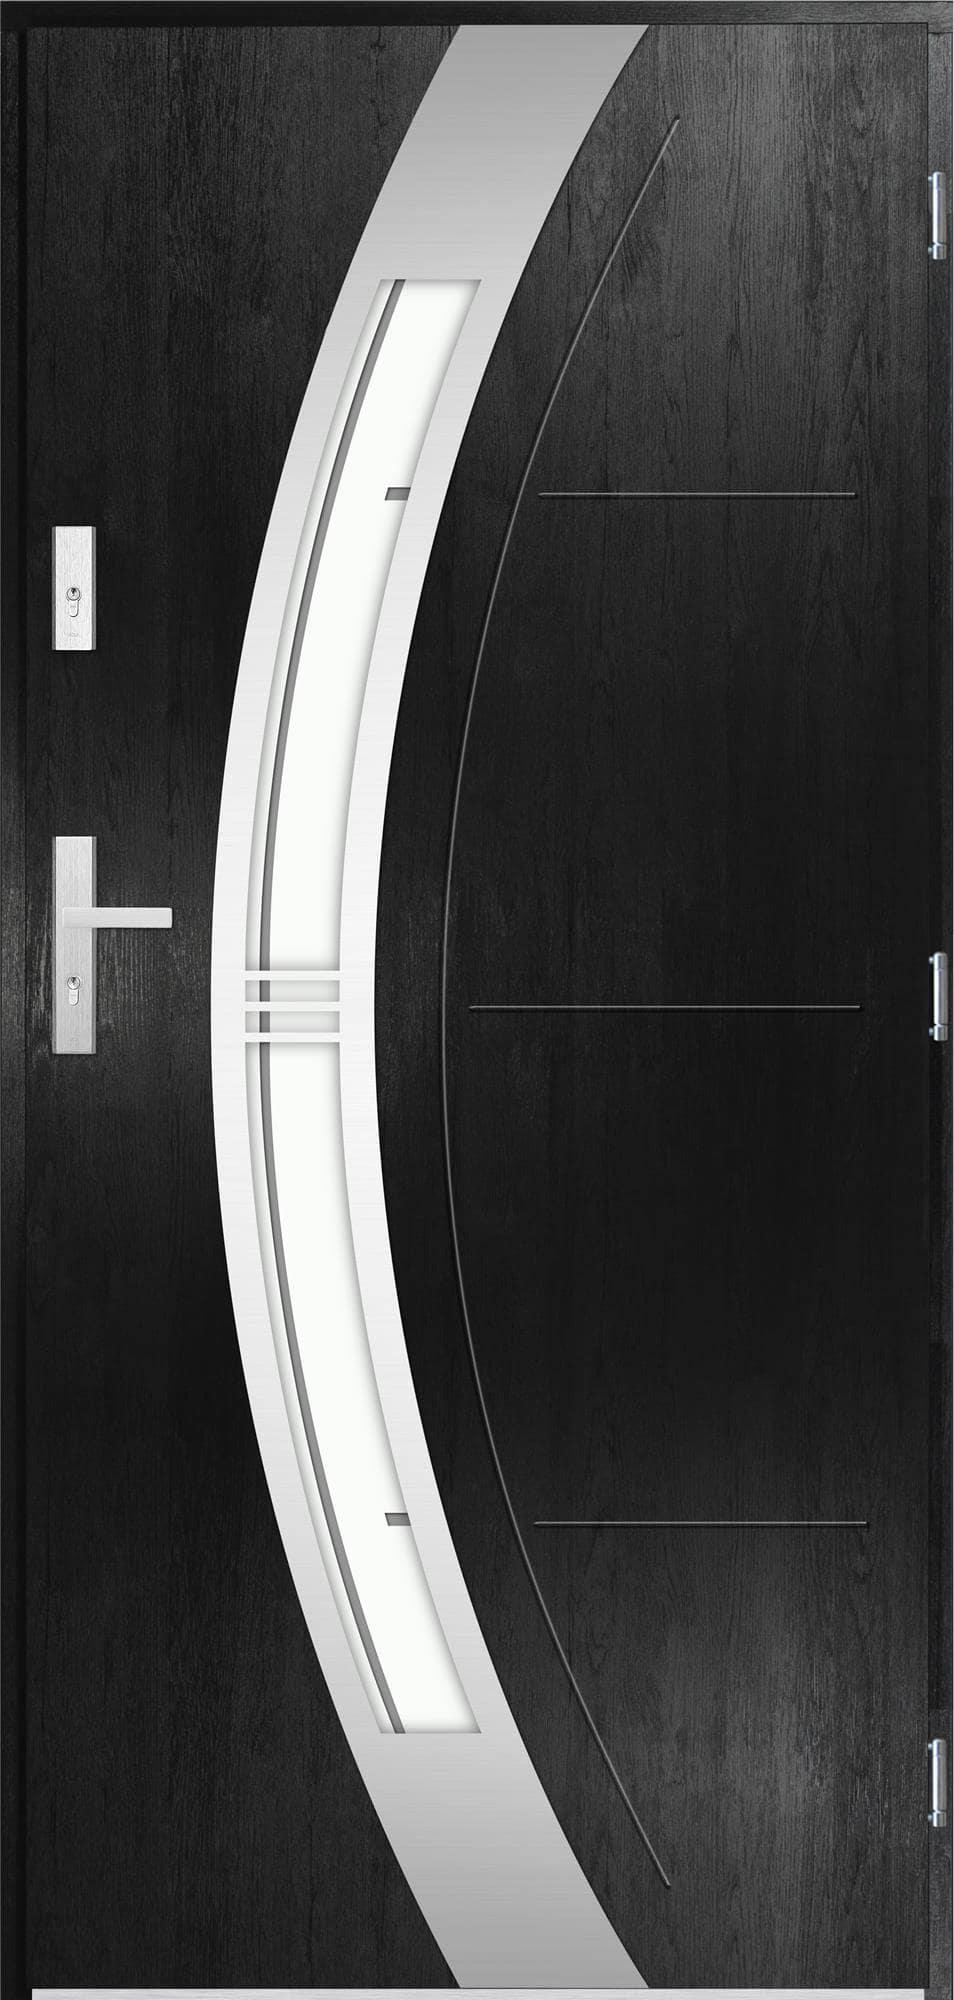 Venkovní vchodové dveøe Andrea, èerná